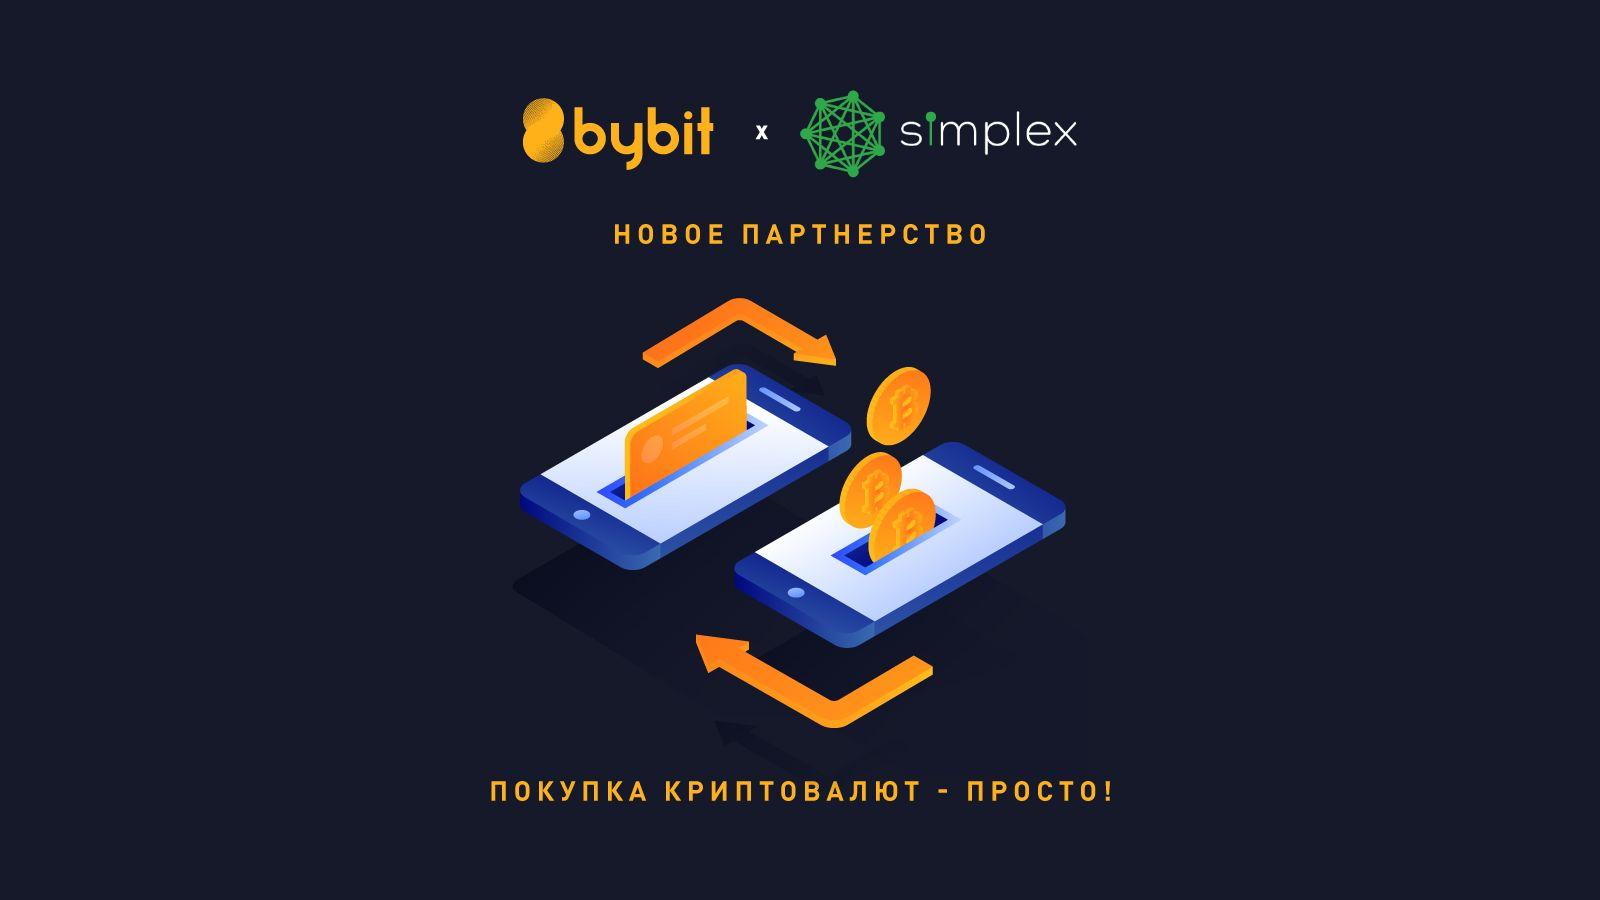 Криптобиржа Bybit и Simplex теперь работают с манатом